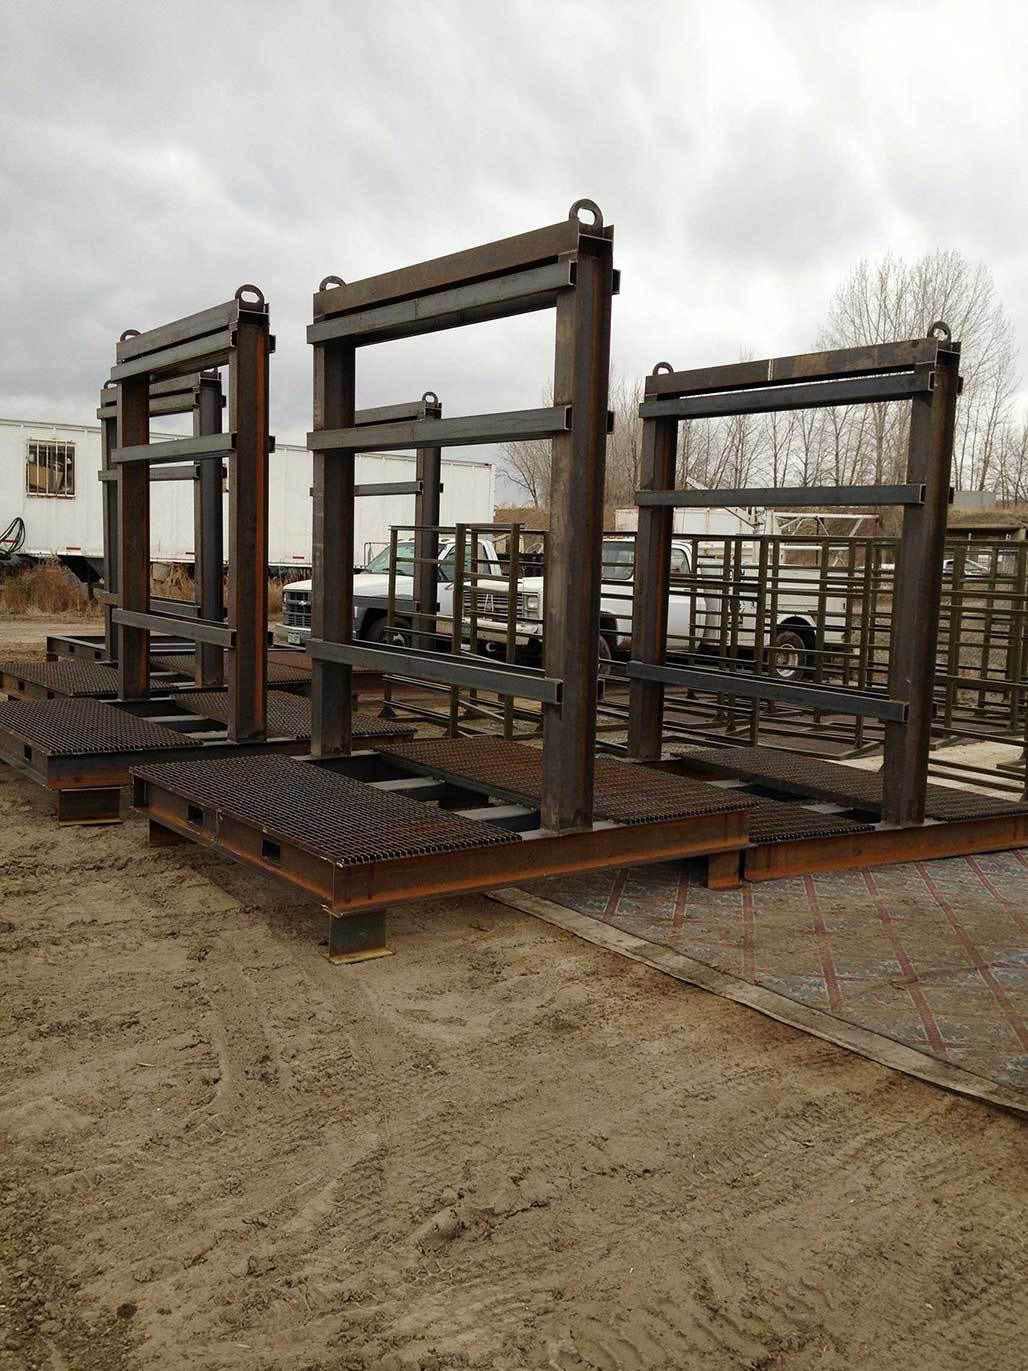 Oil Skids by PTR Welding & Fabrication, Denver, Colorado